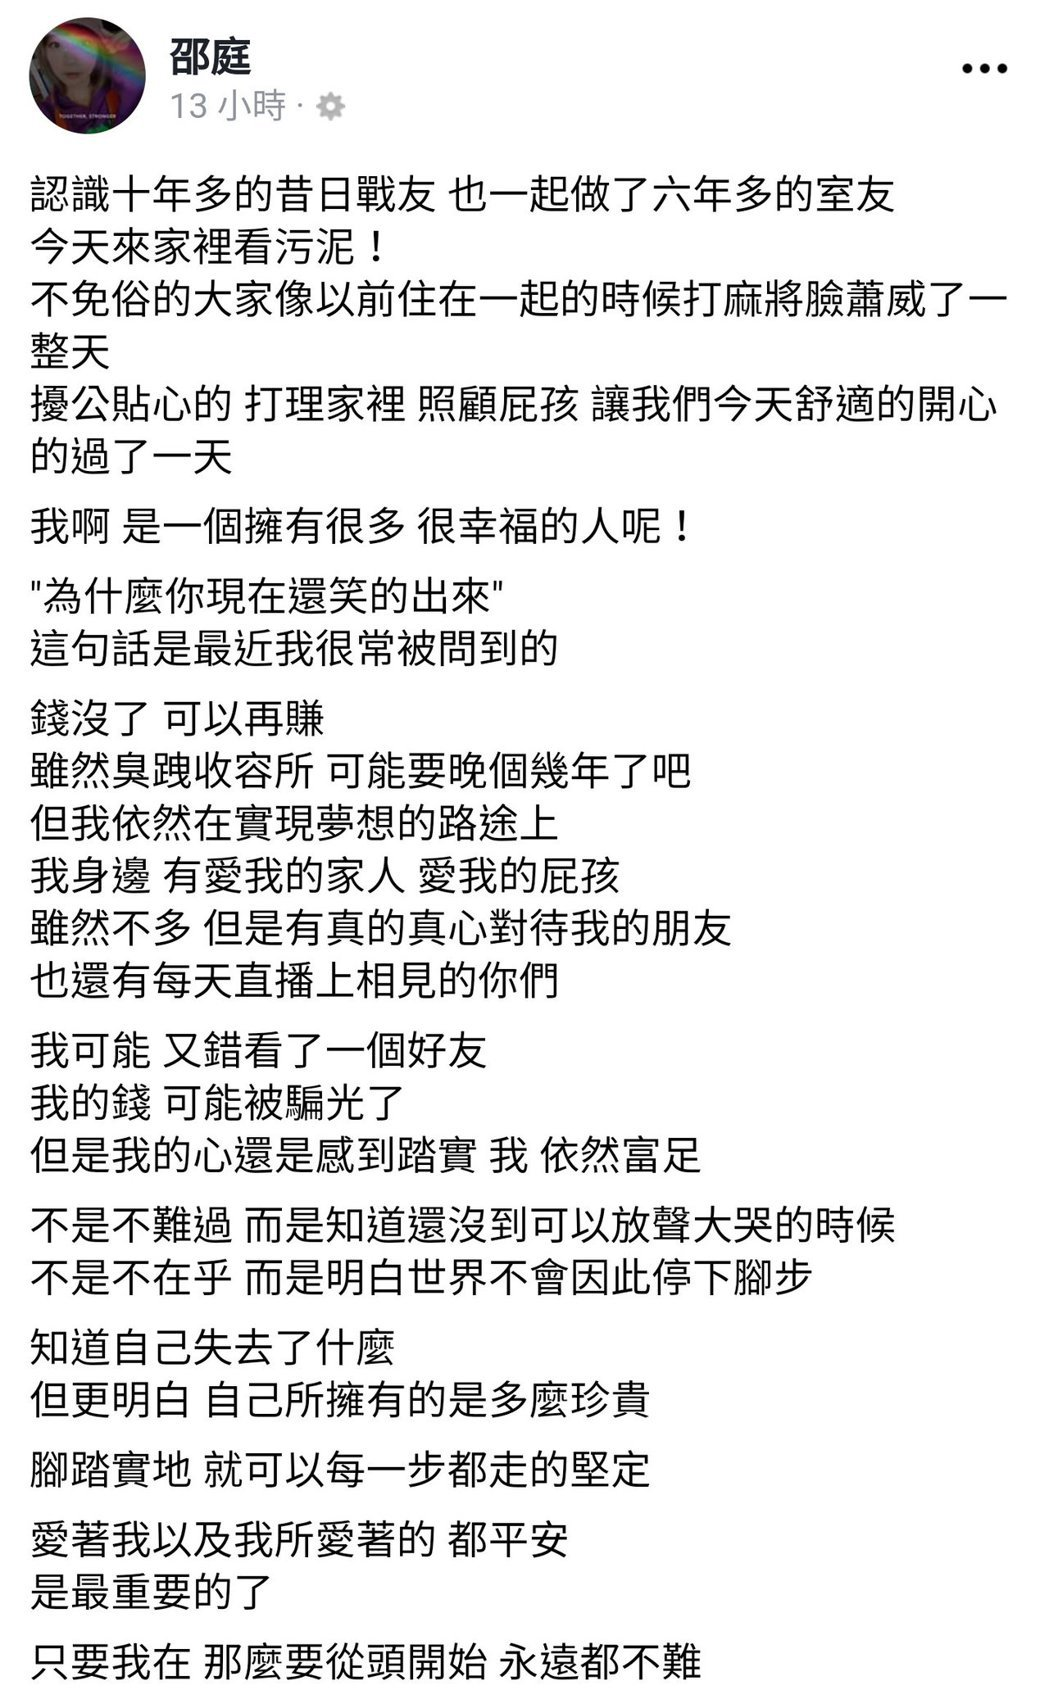 圖/擷自邵庭臉書